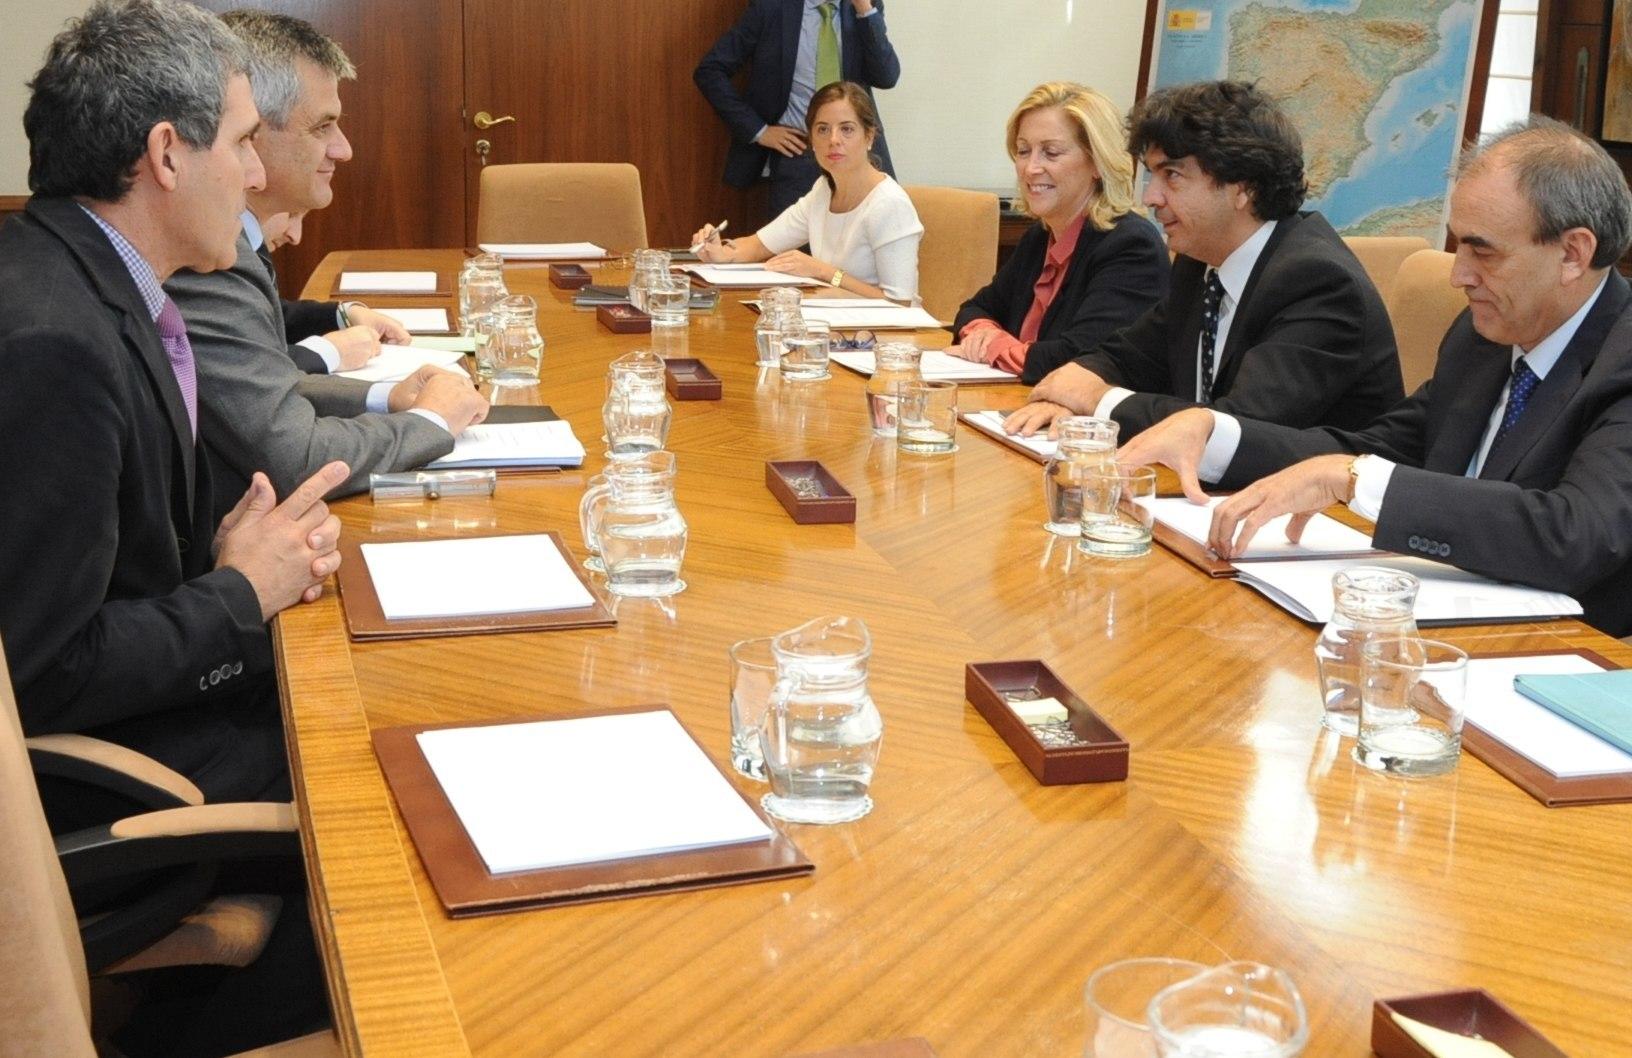 Reunión del Gobierno Local de Móstoles con el Ministerio de Fomento, ADIF y Gobierno Regional